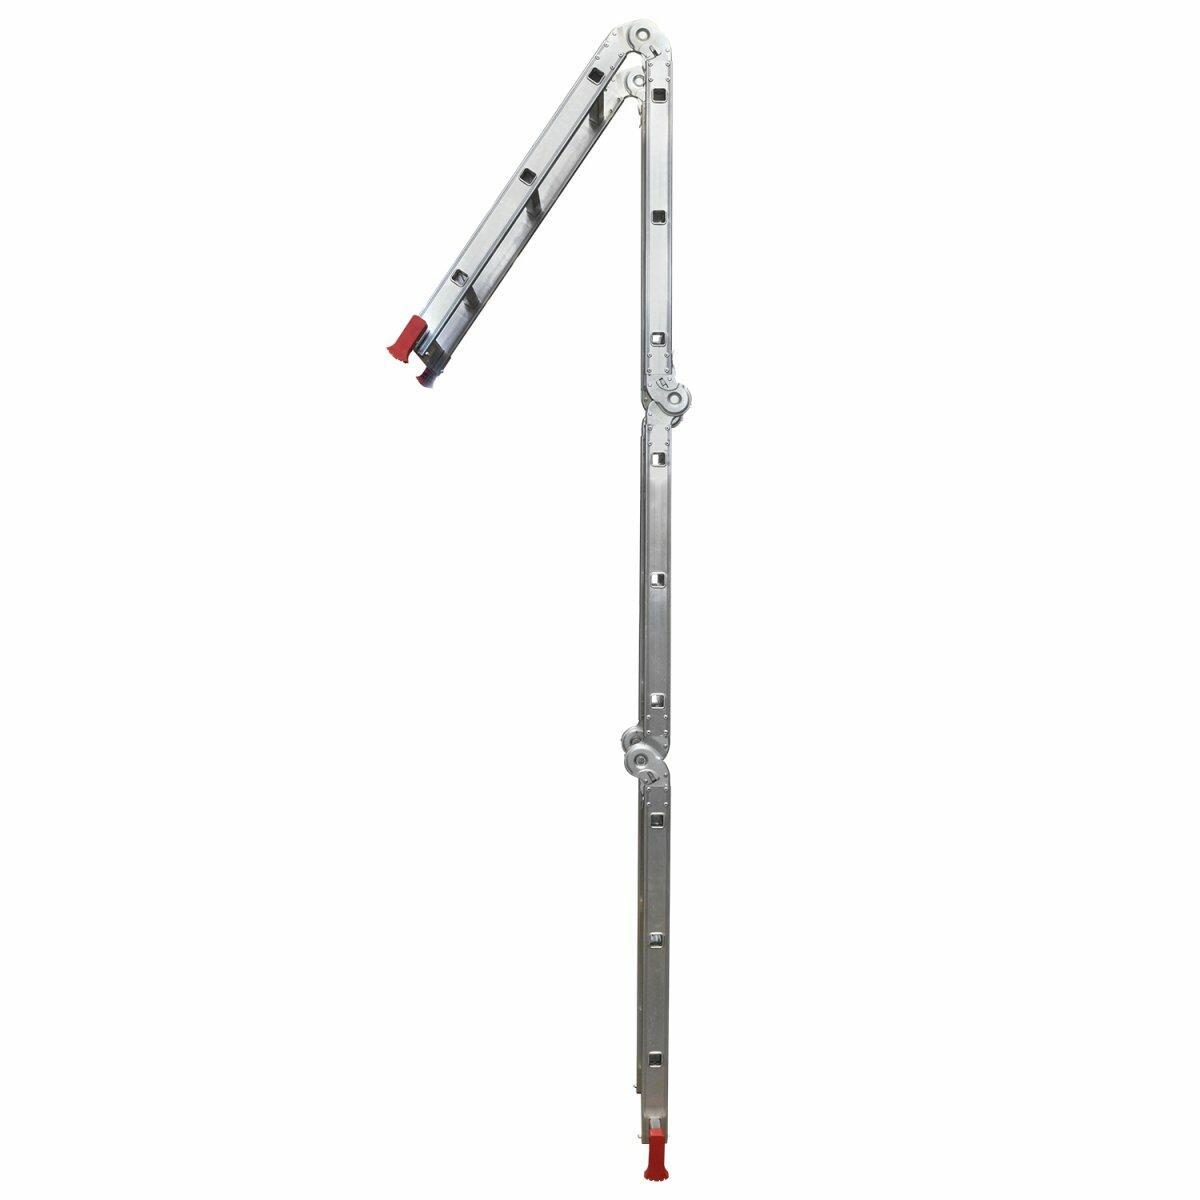 Escada Articulada 4X3 Alumínio 13 em 1 com 3,39m - Botafogo